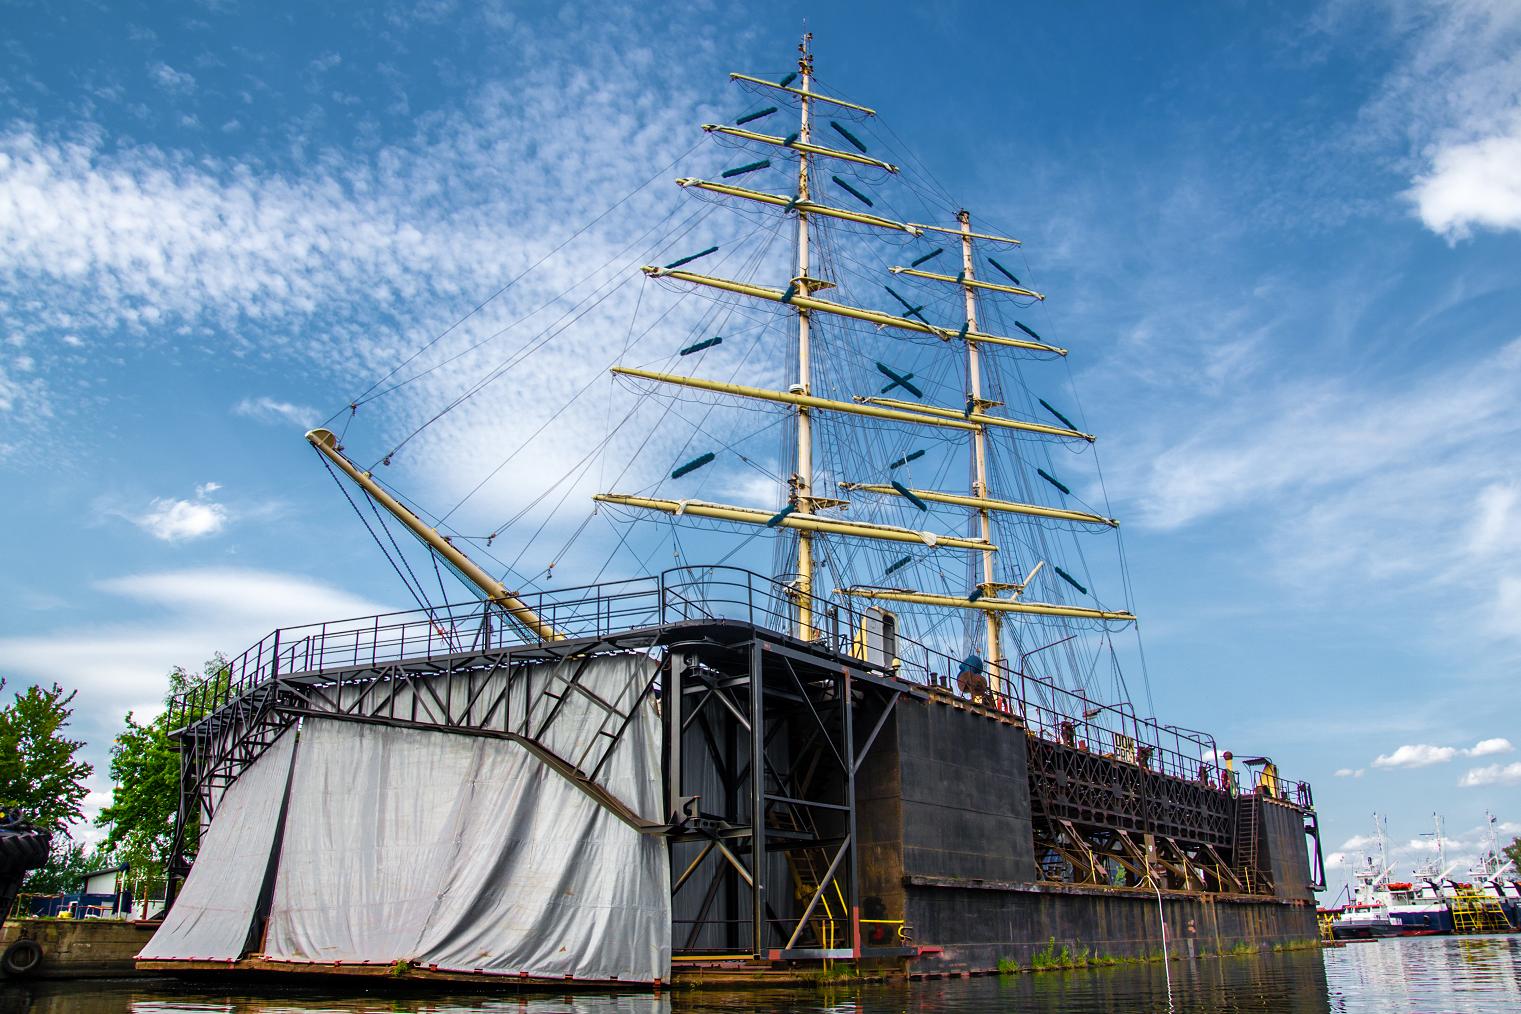 The Oldest Floating Dock in Europe is in Szczecin! Photo by Szymon Maksymiuk